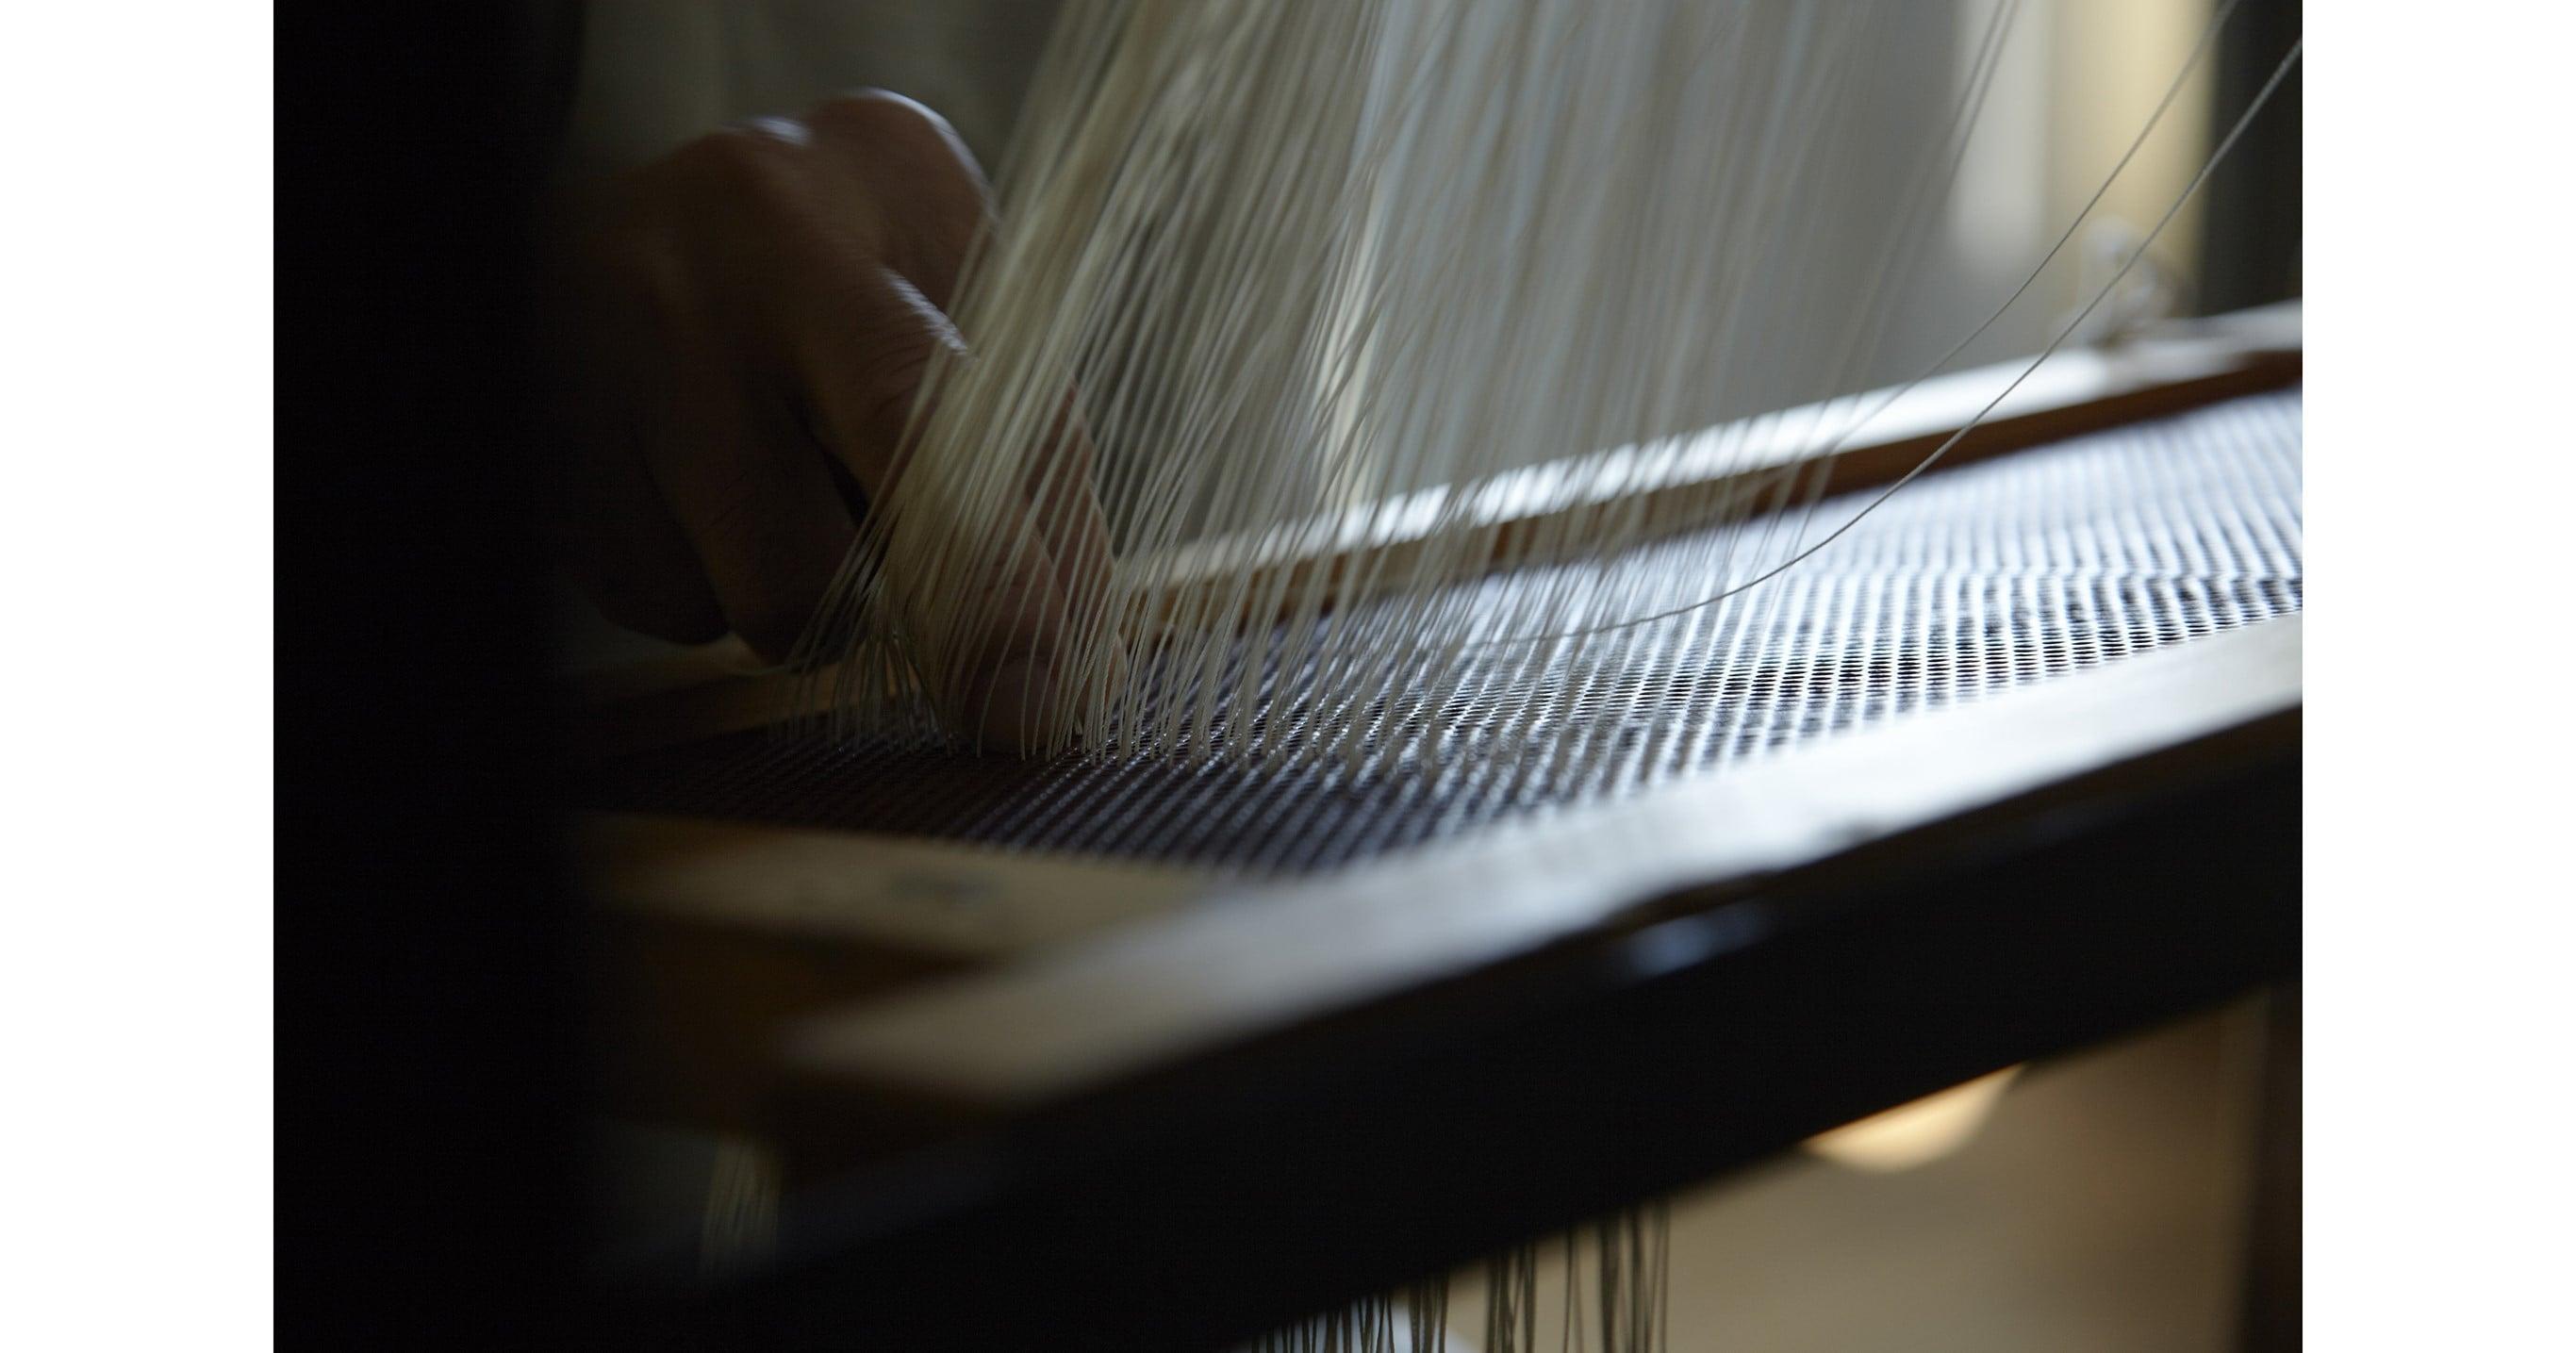 京都の老舗が世界のハイエンド・マーケットを手中に。西陣織「細尾」の挑戦